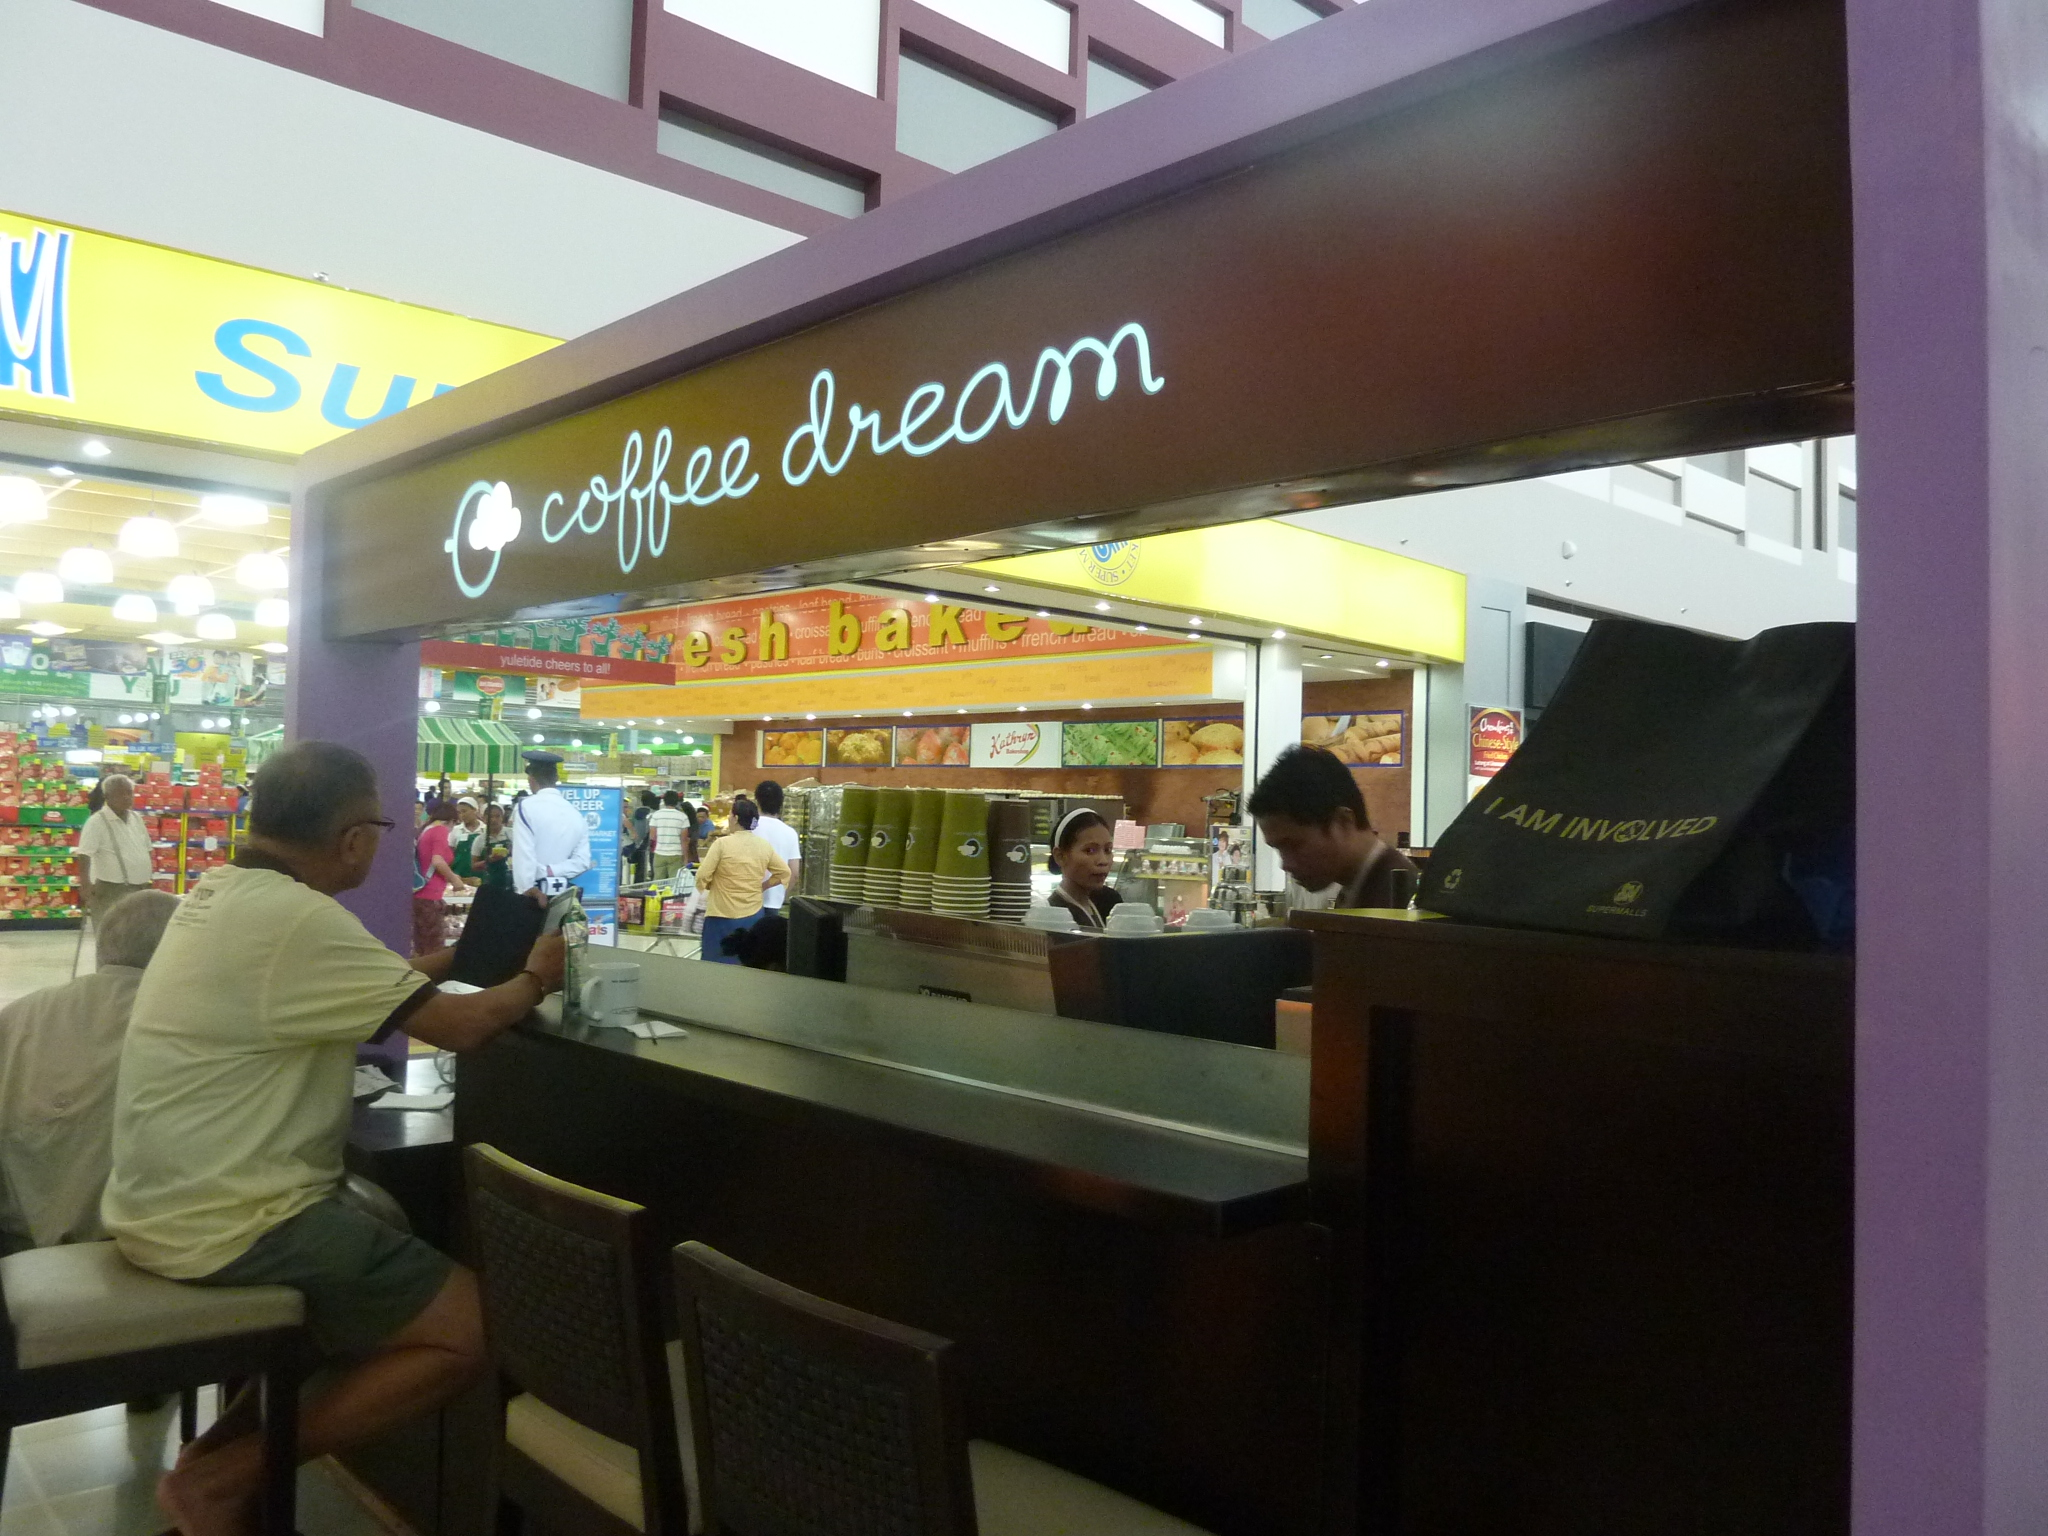 Coffee Dream SM Cagayan de Oro is coffee heaven